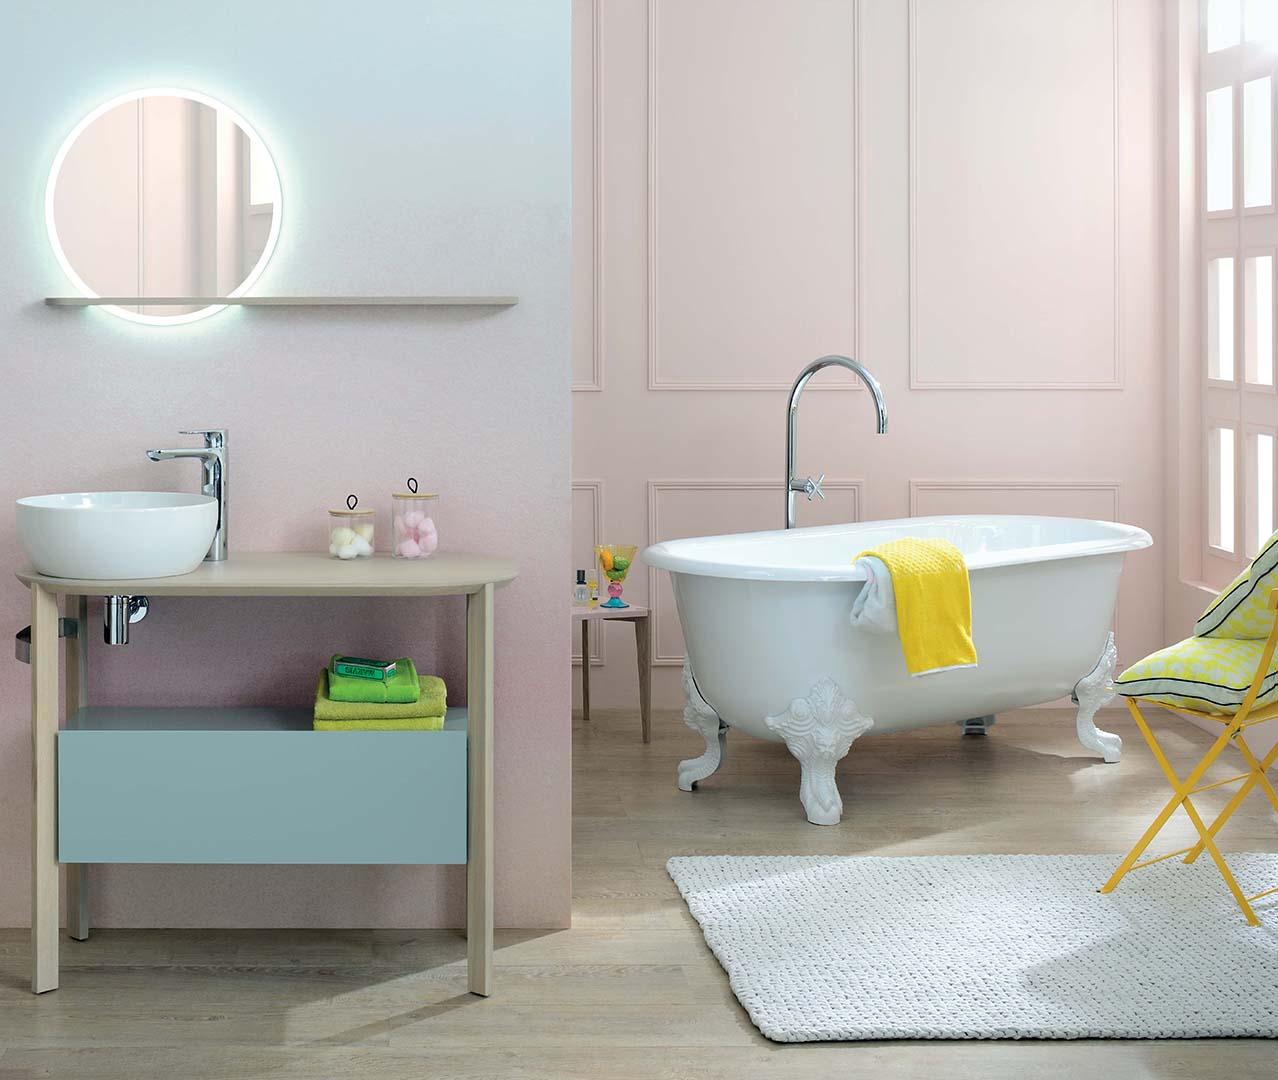 Comment Aménager Une Salle De Bain Kids Friendly // Hëllø Blogzine Blog  Deco U0026 Lifestyle